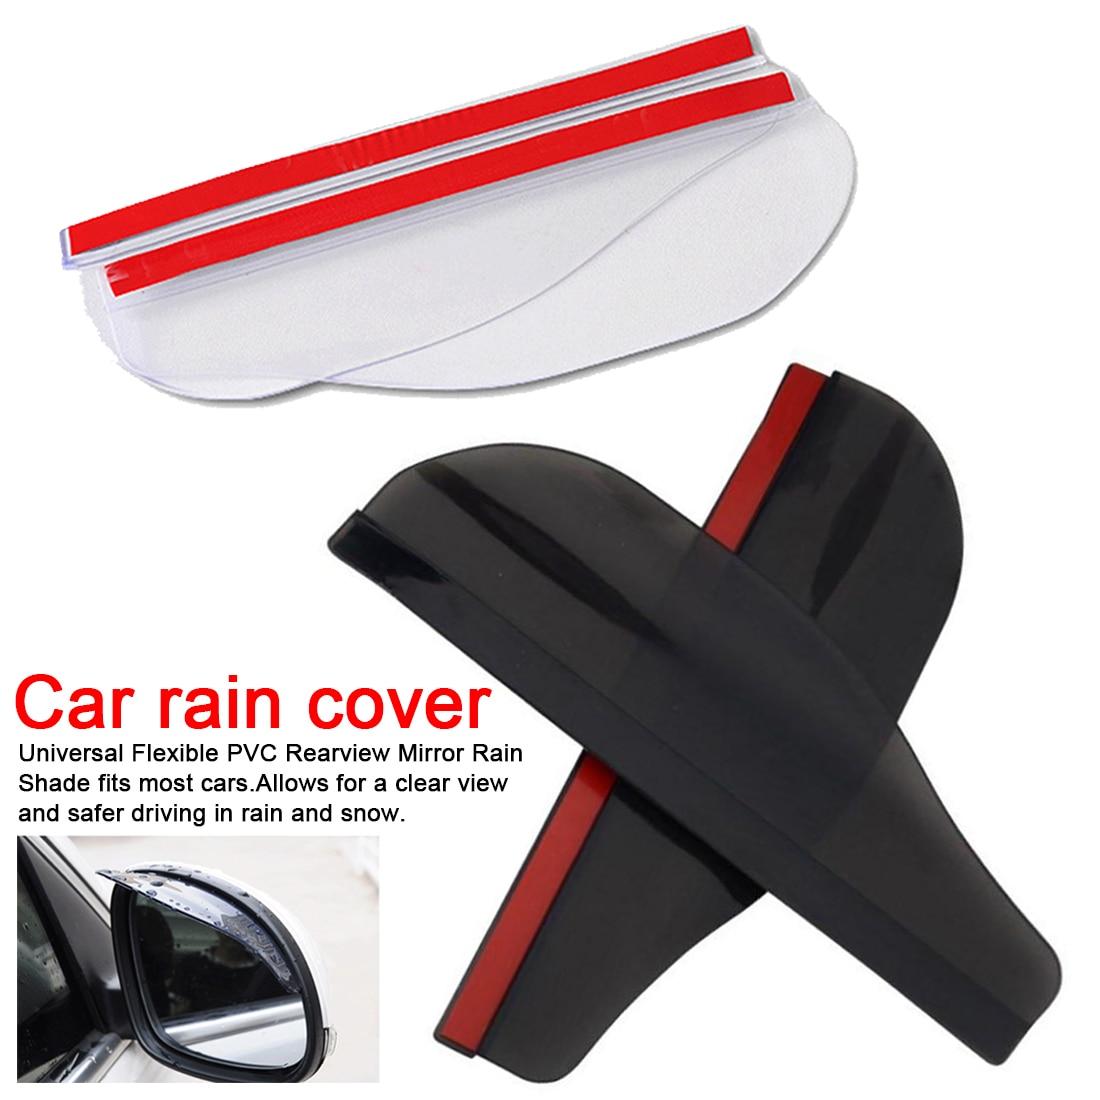 2 stück Auto seite Spiegel wasserdicht Sonnenblende Regen Augenbraue Auto Auto Rückansicht Seiten Regen Schild Flexible Protector Für auto